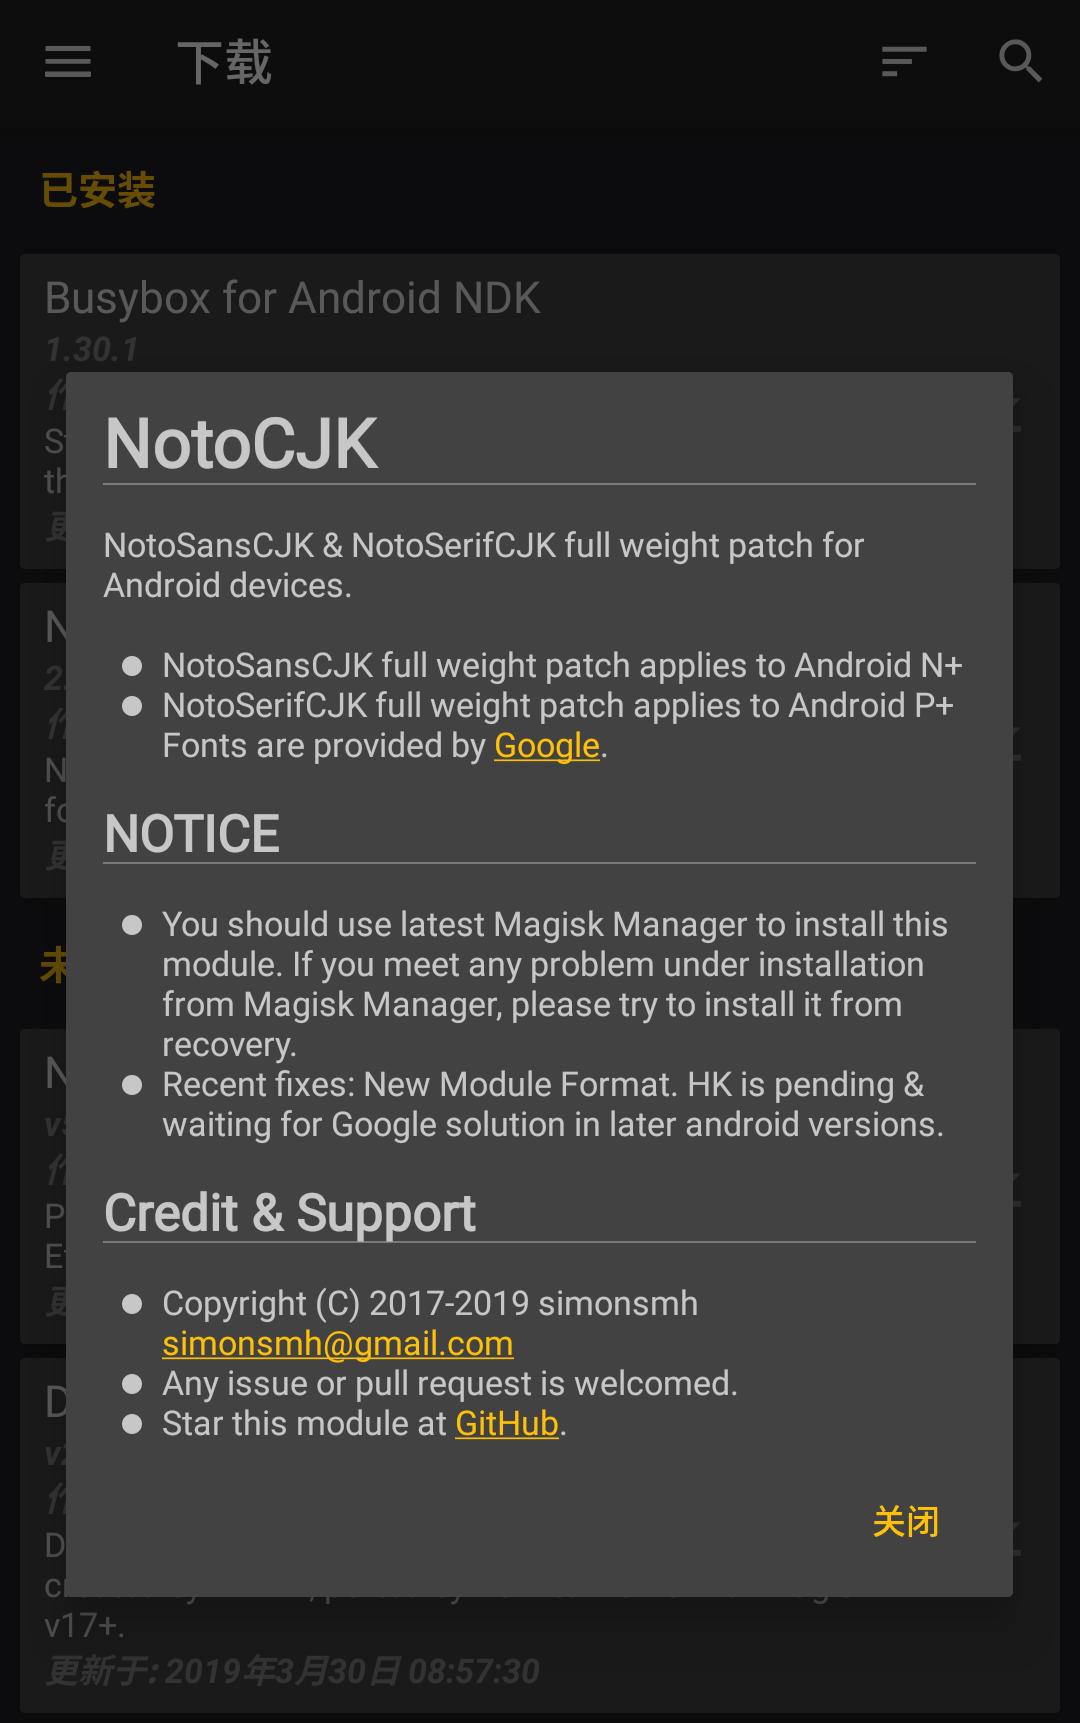 以 NotoCJK 为例,仔细查看模块说明